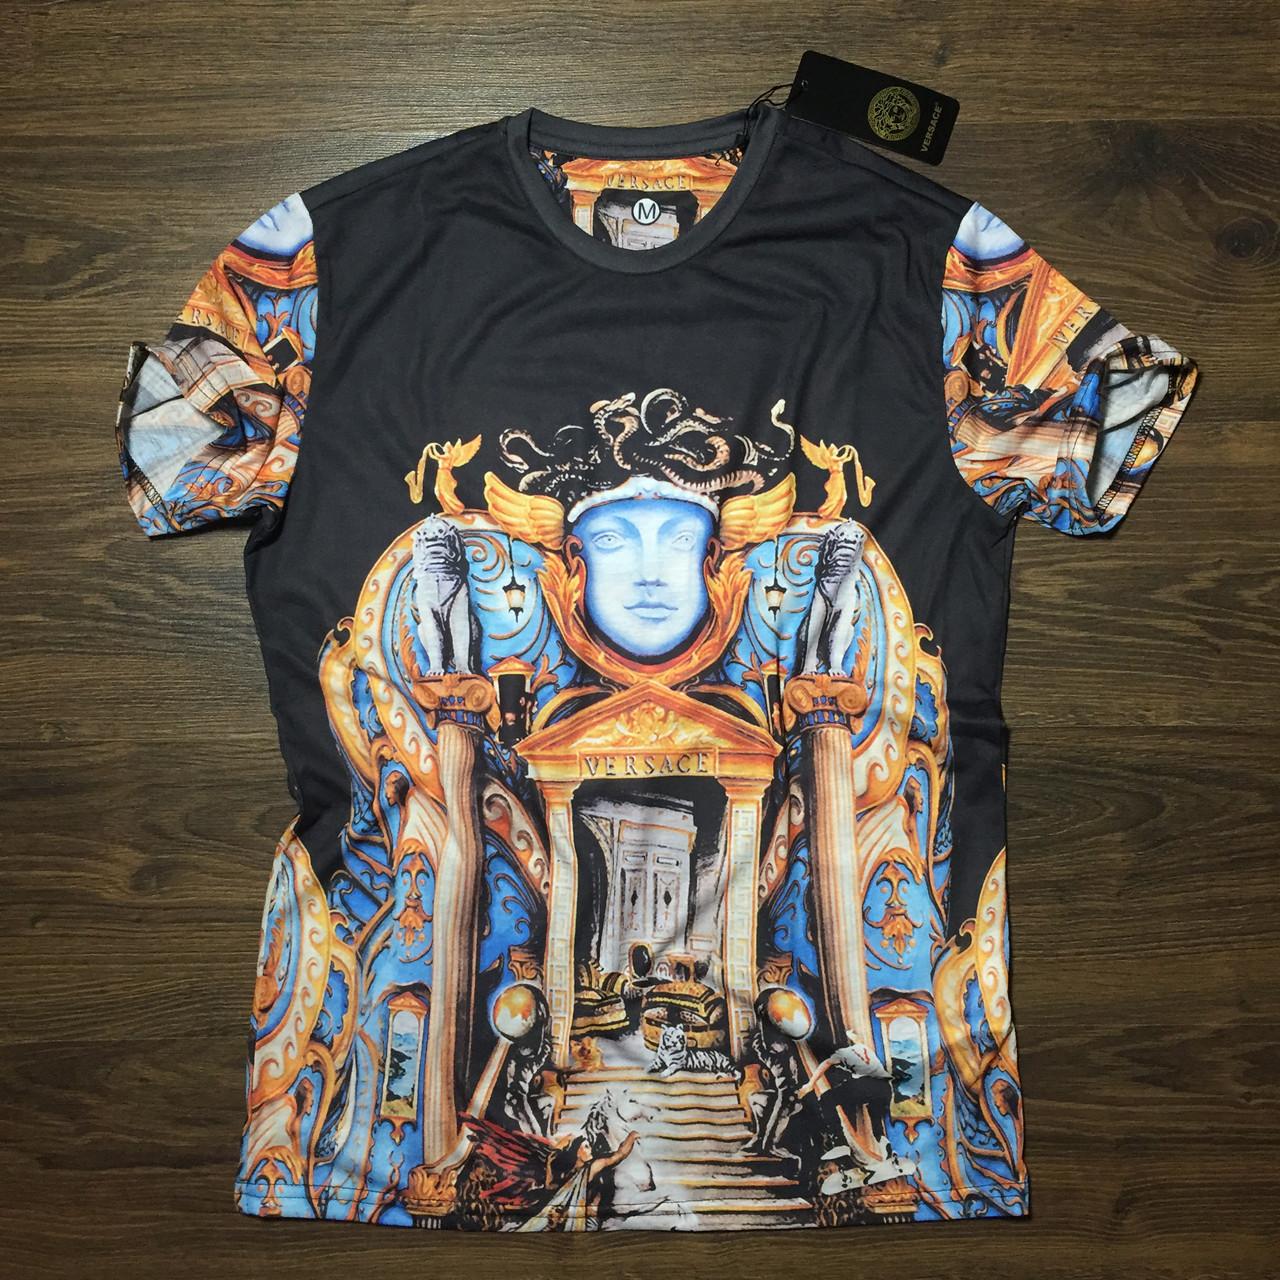 0cf8e7f77098 Мужская Футболка Versace | Чоловіча футболка Версаче (реплика) - Интернет  Магазин